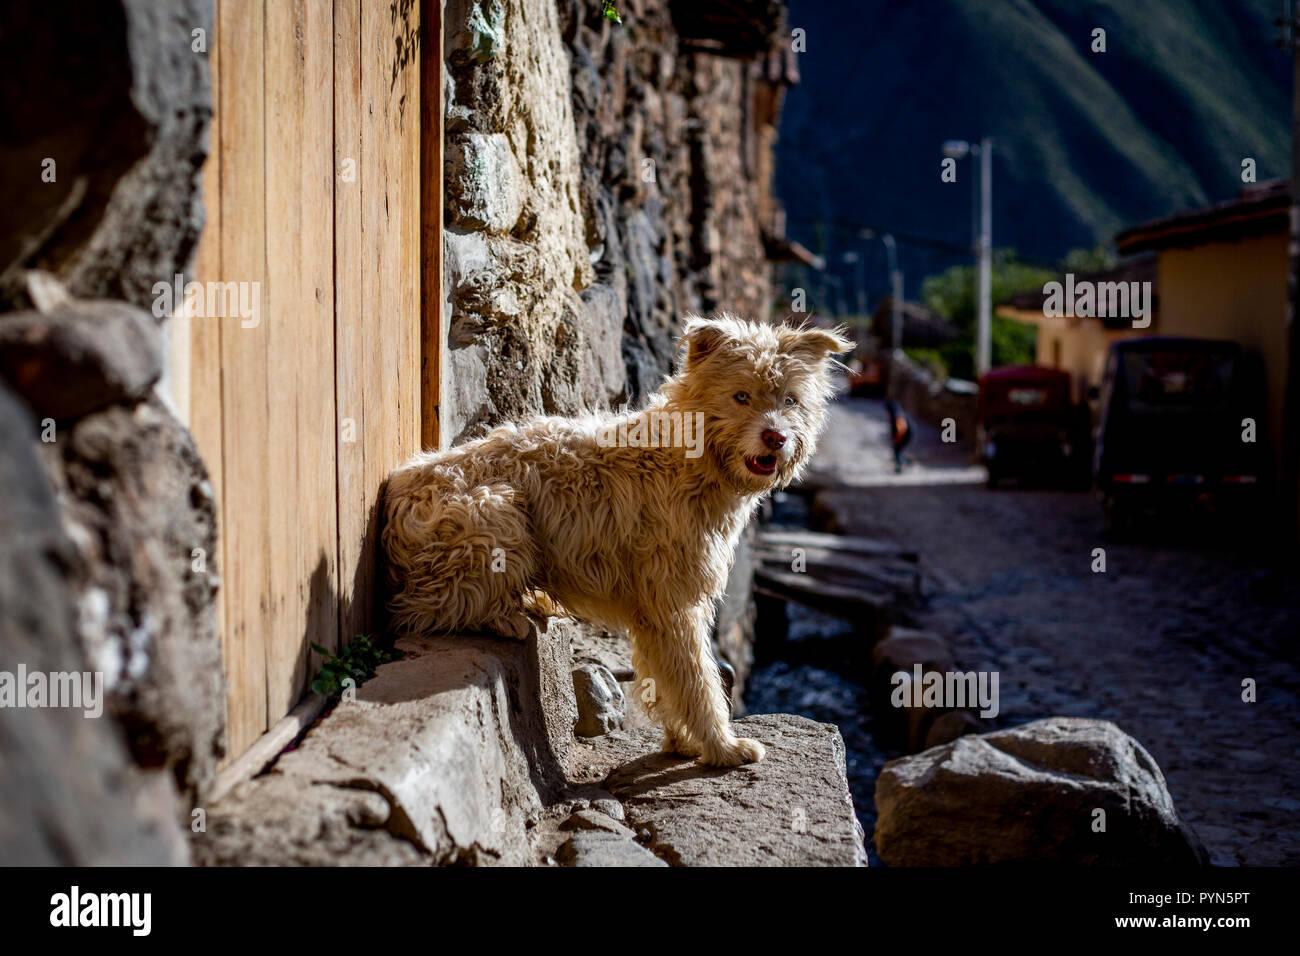 Hund mit weißem Fiel sitzt auf einer Treppe in Huancayo, Peru, und schaut in die Kamera. Hund sitzt auf der Treppe in die Kamera schaut Stockbild